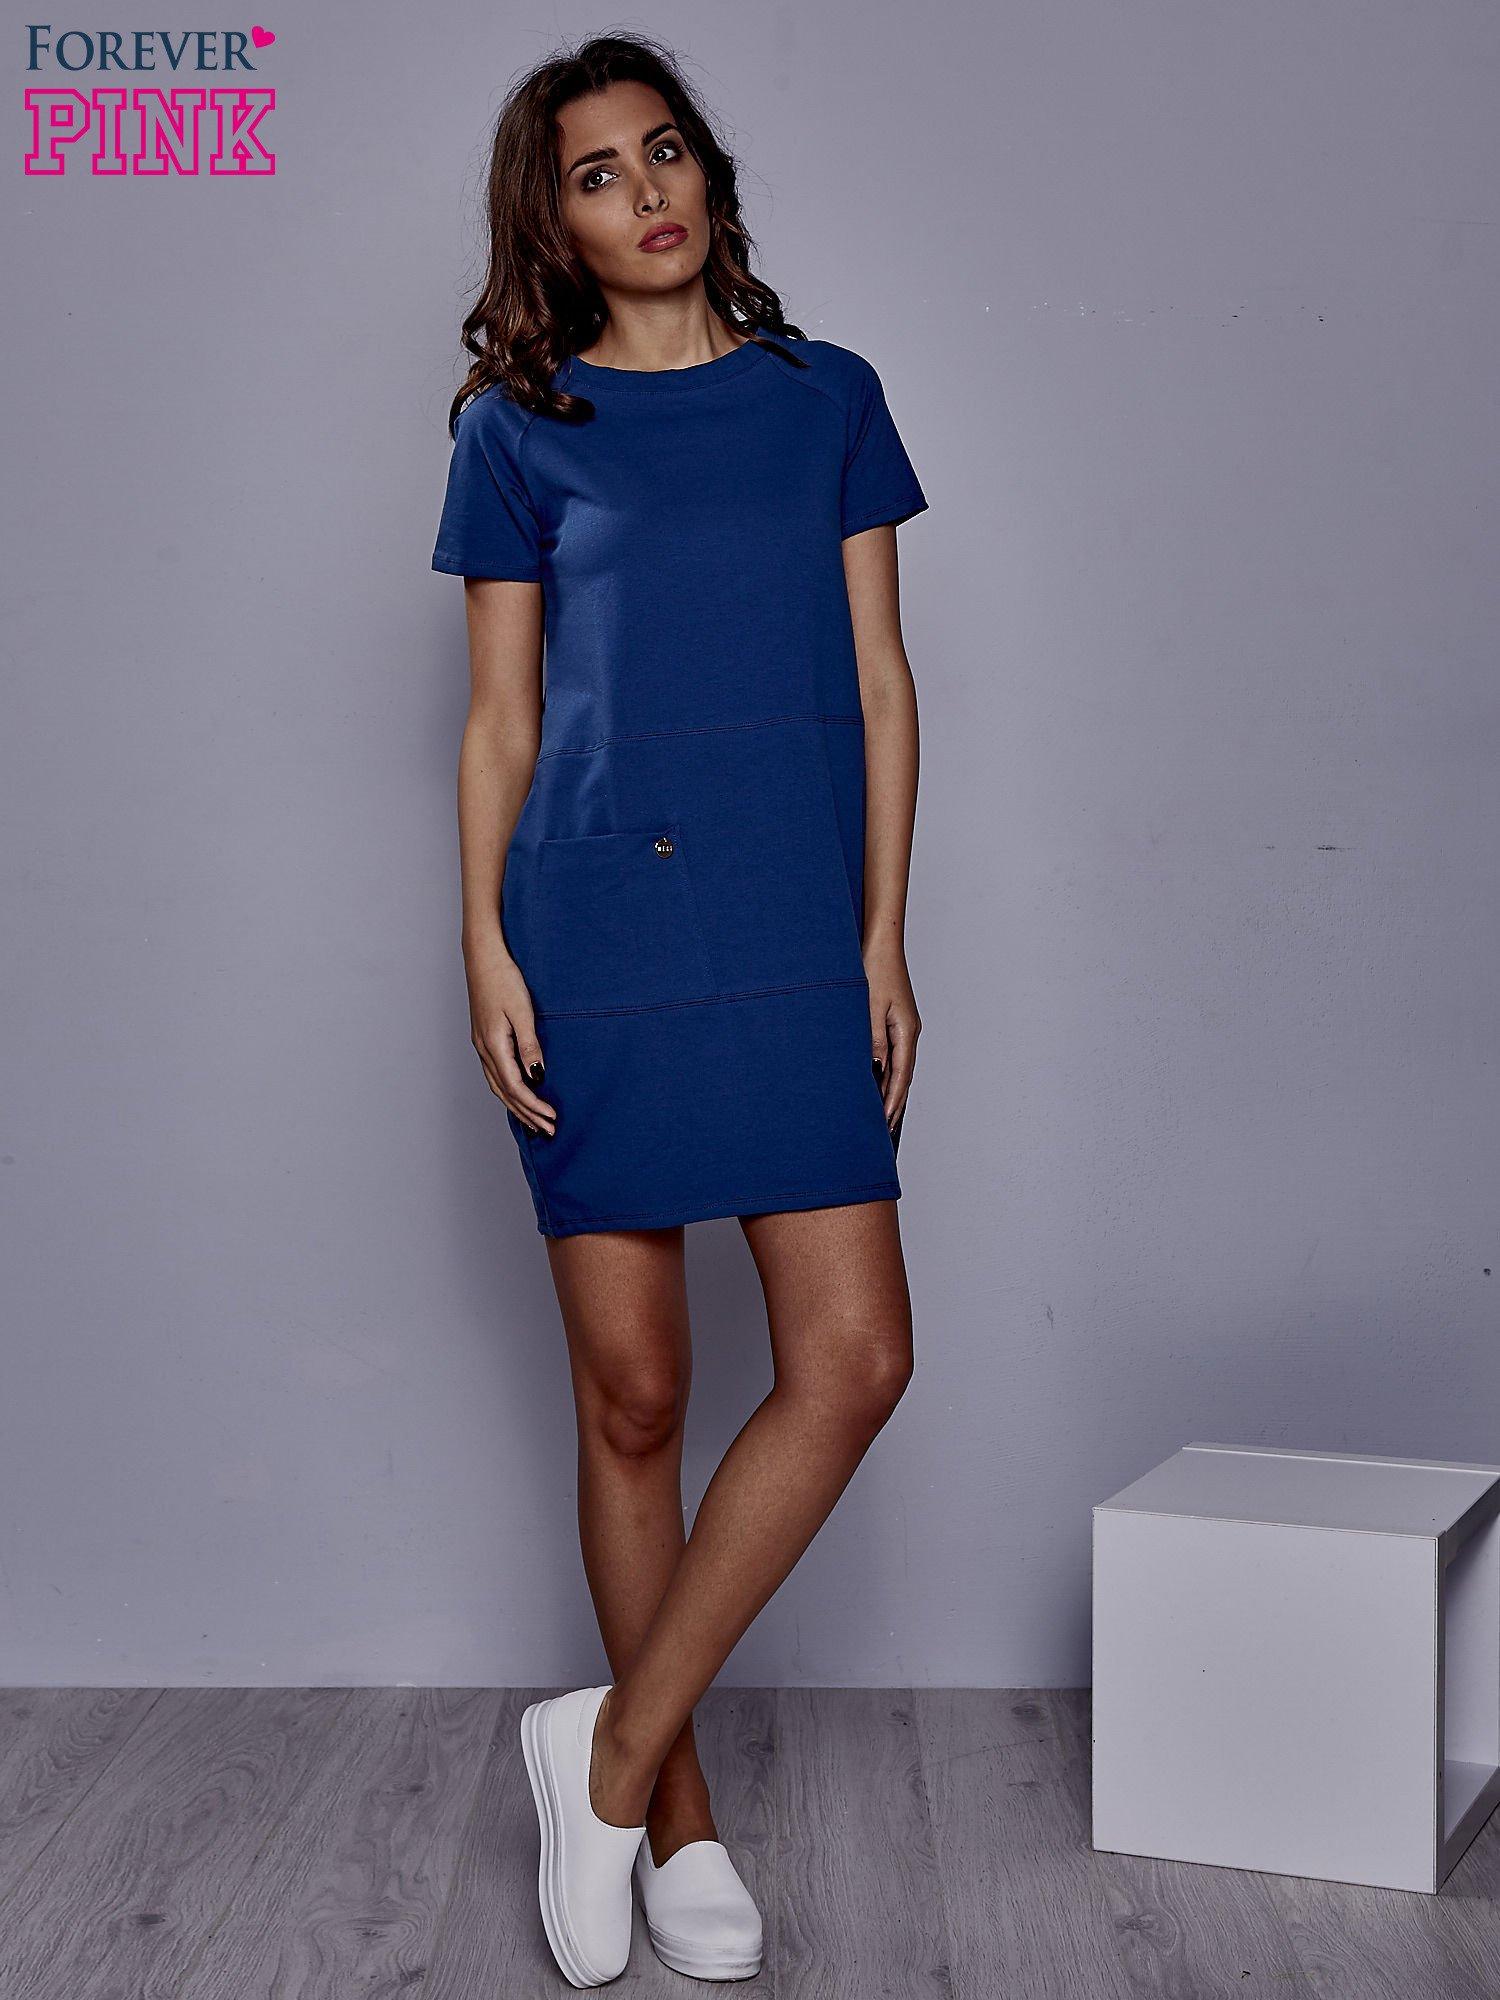 Ciemnoniebieska sukienka dresowa z kieszenią z boku                                  zdj.                                  2